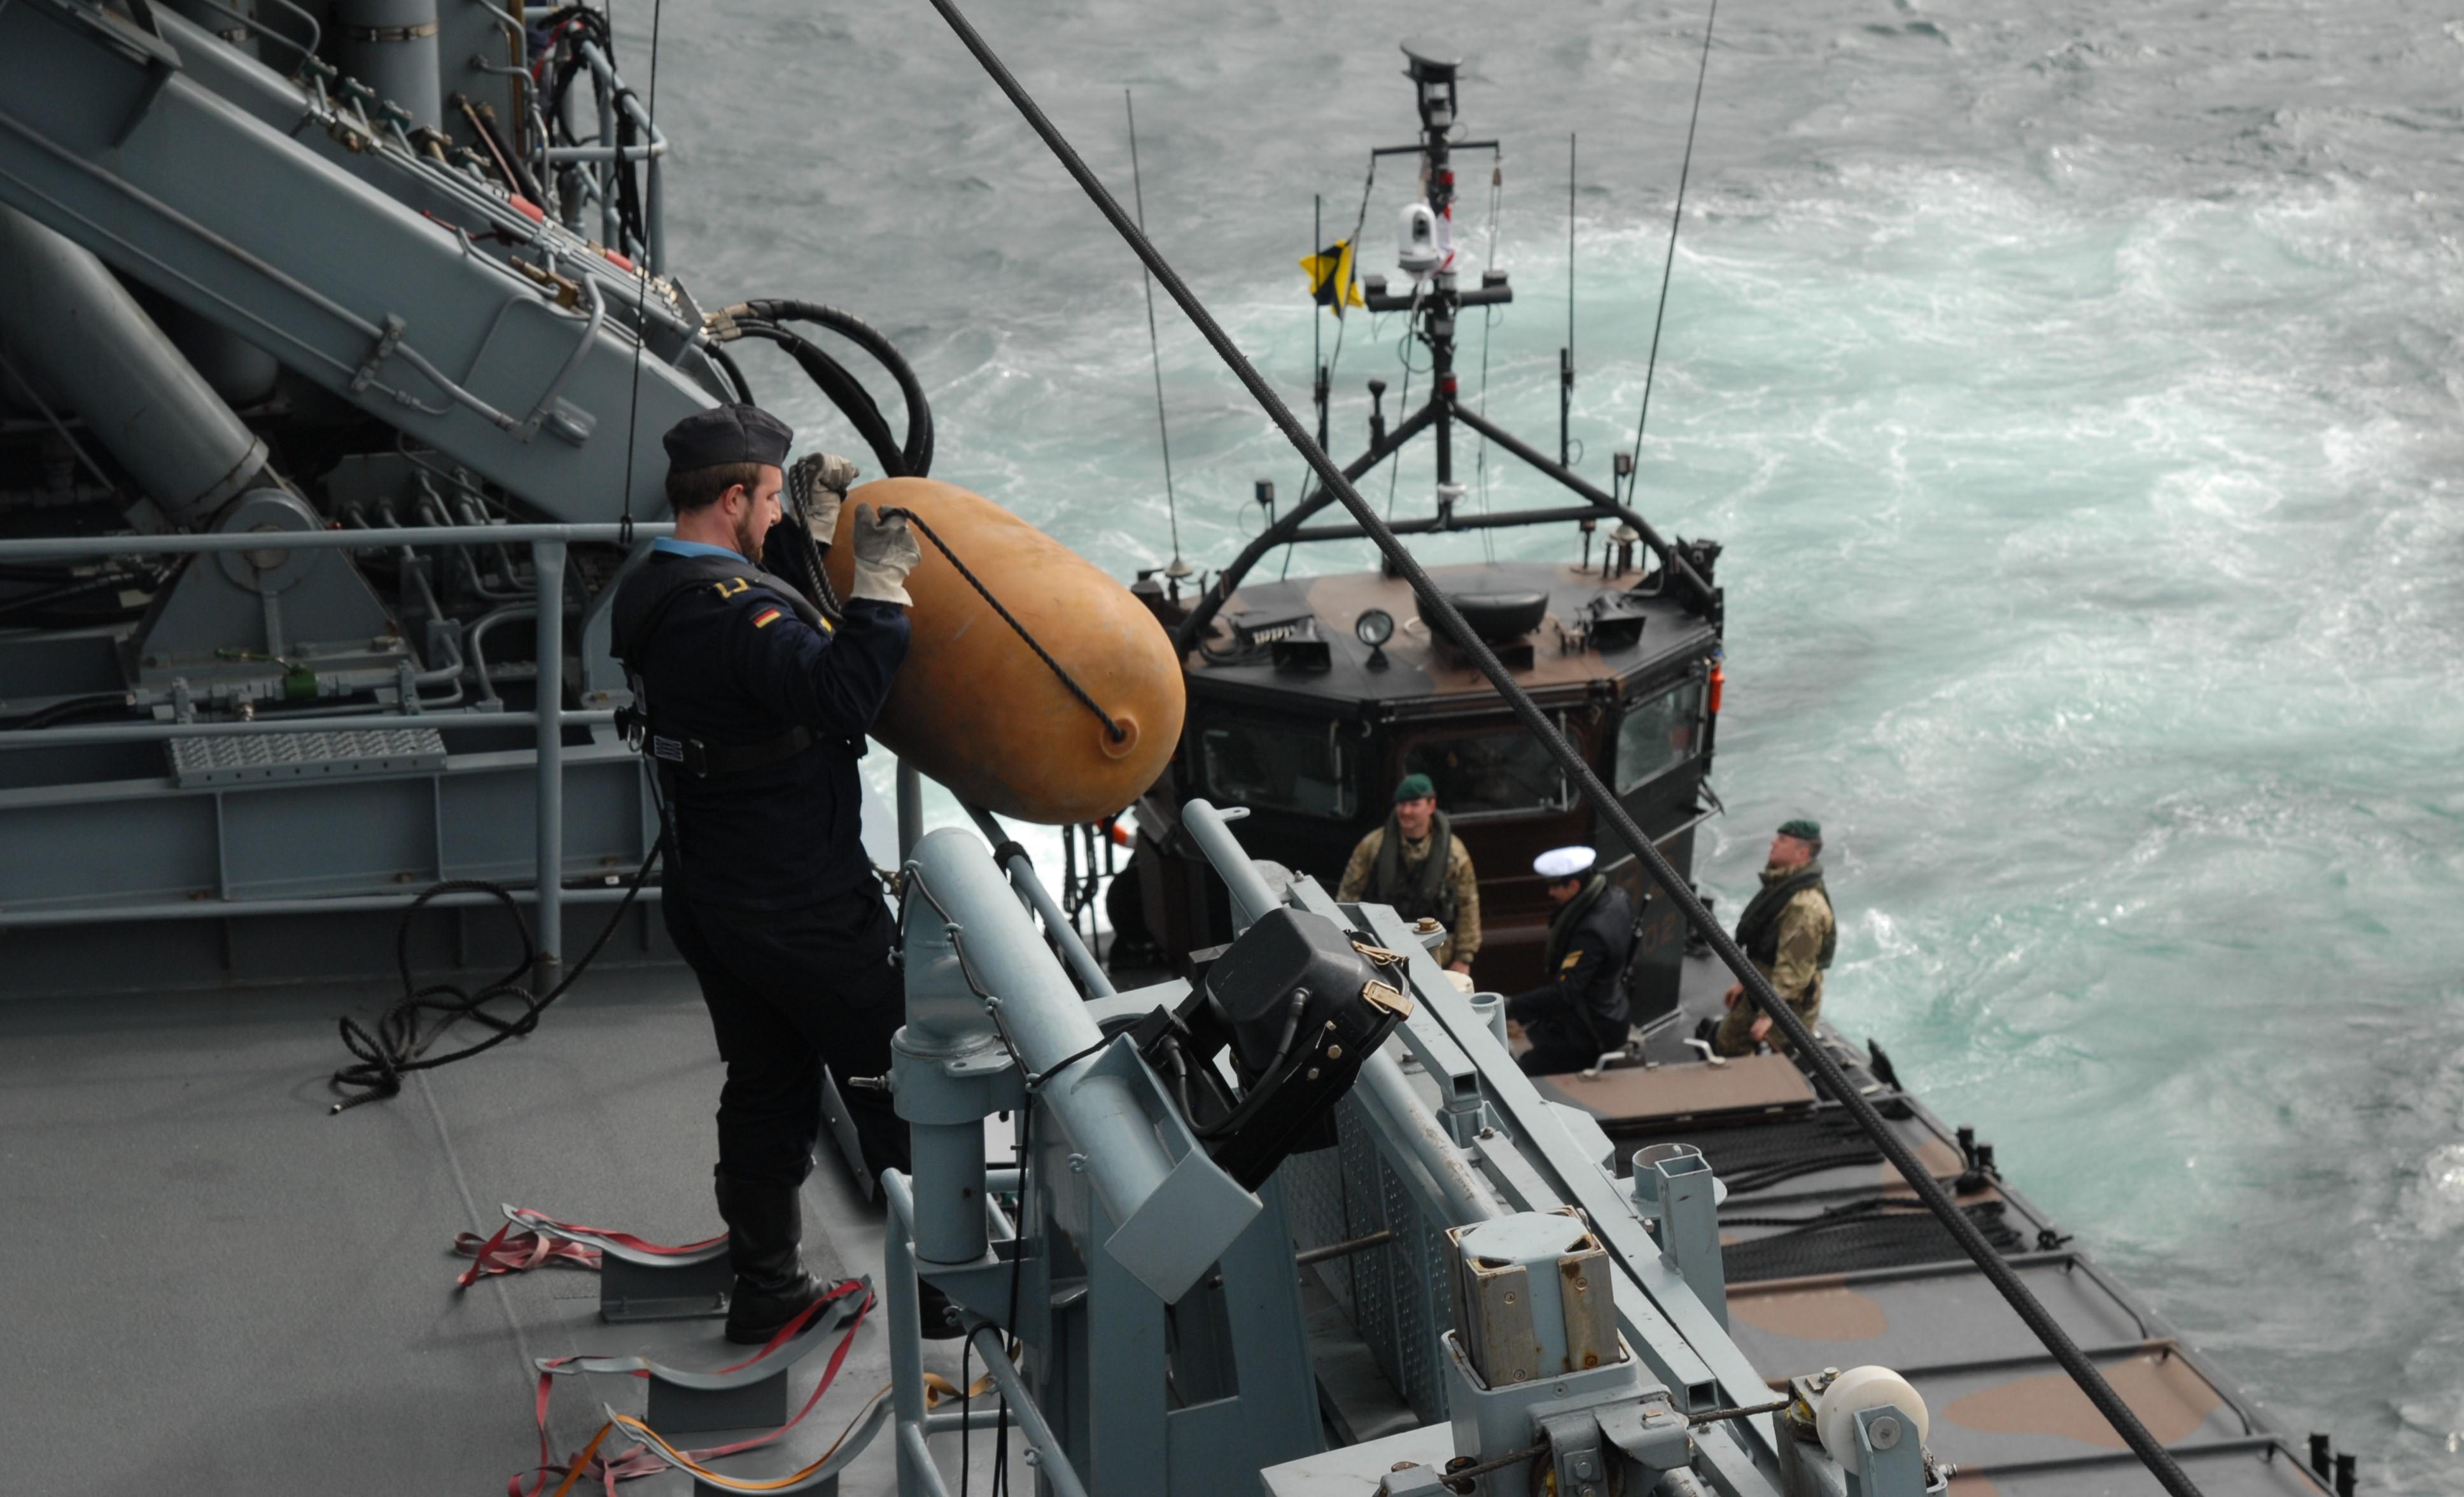 Internationale Zusammenarbeit zwischen Deutscher Marine und Royal Navy, 31. Mai 2016. Vordergrund: Soldat der Fregatte SCHLESWIG HOLSTEIN. Foto: May-Barg.